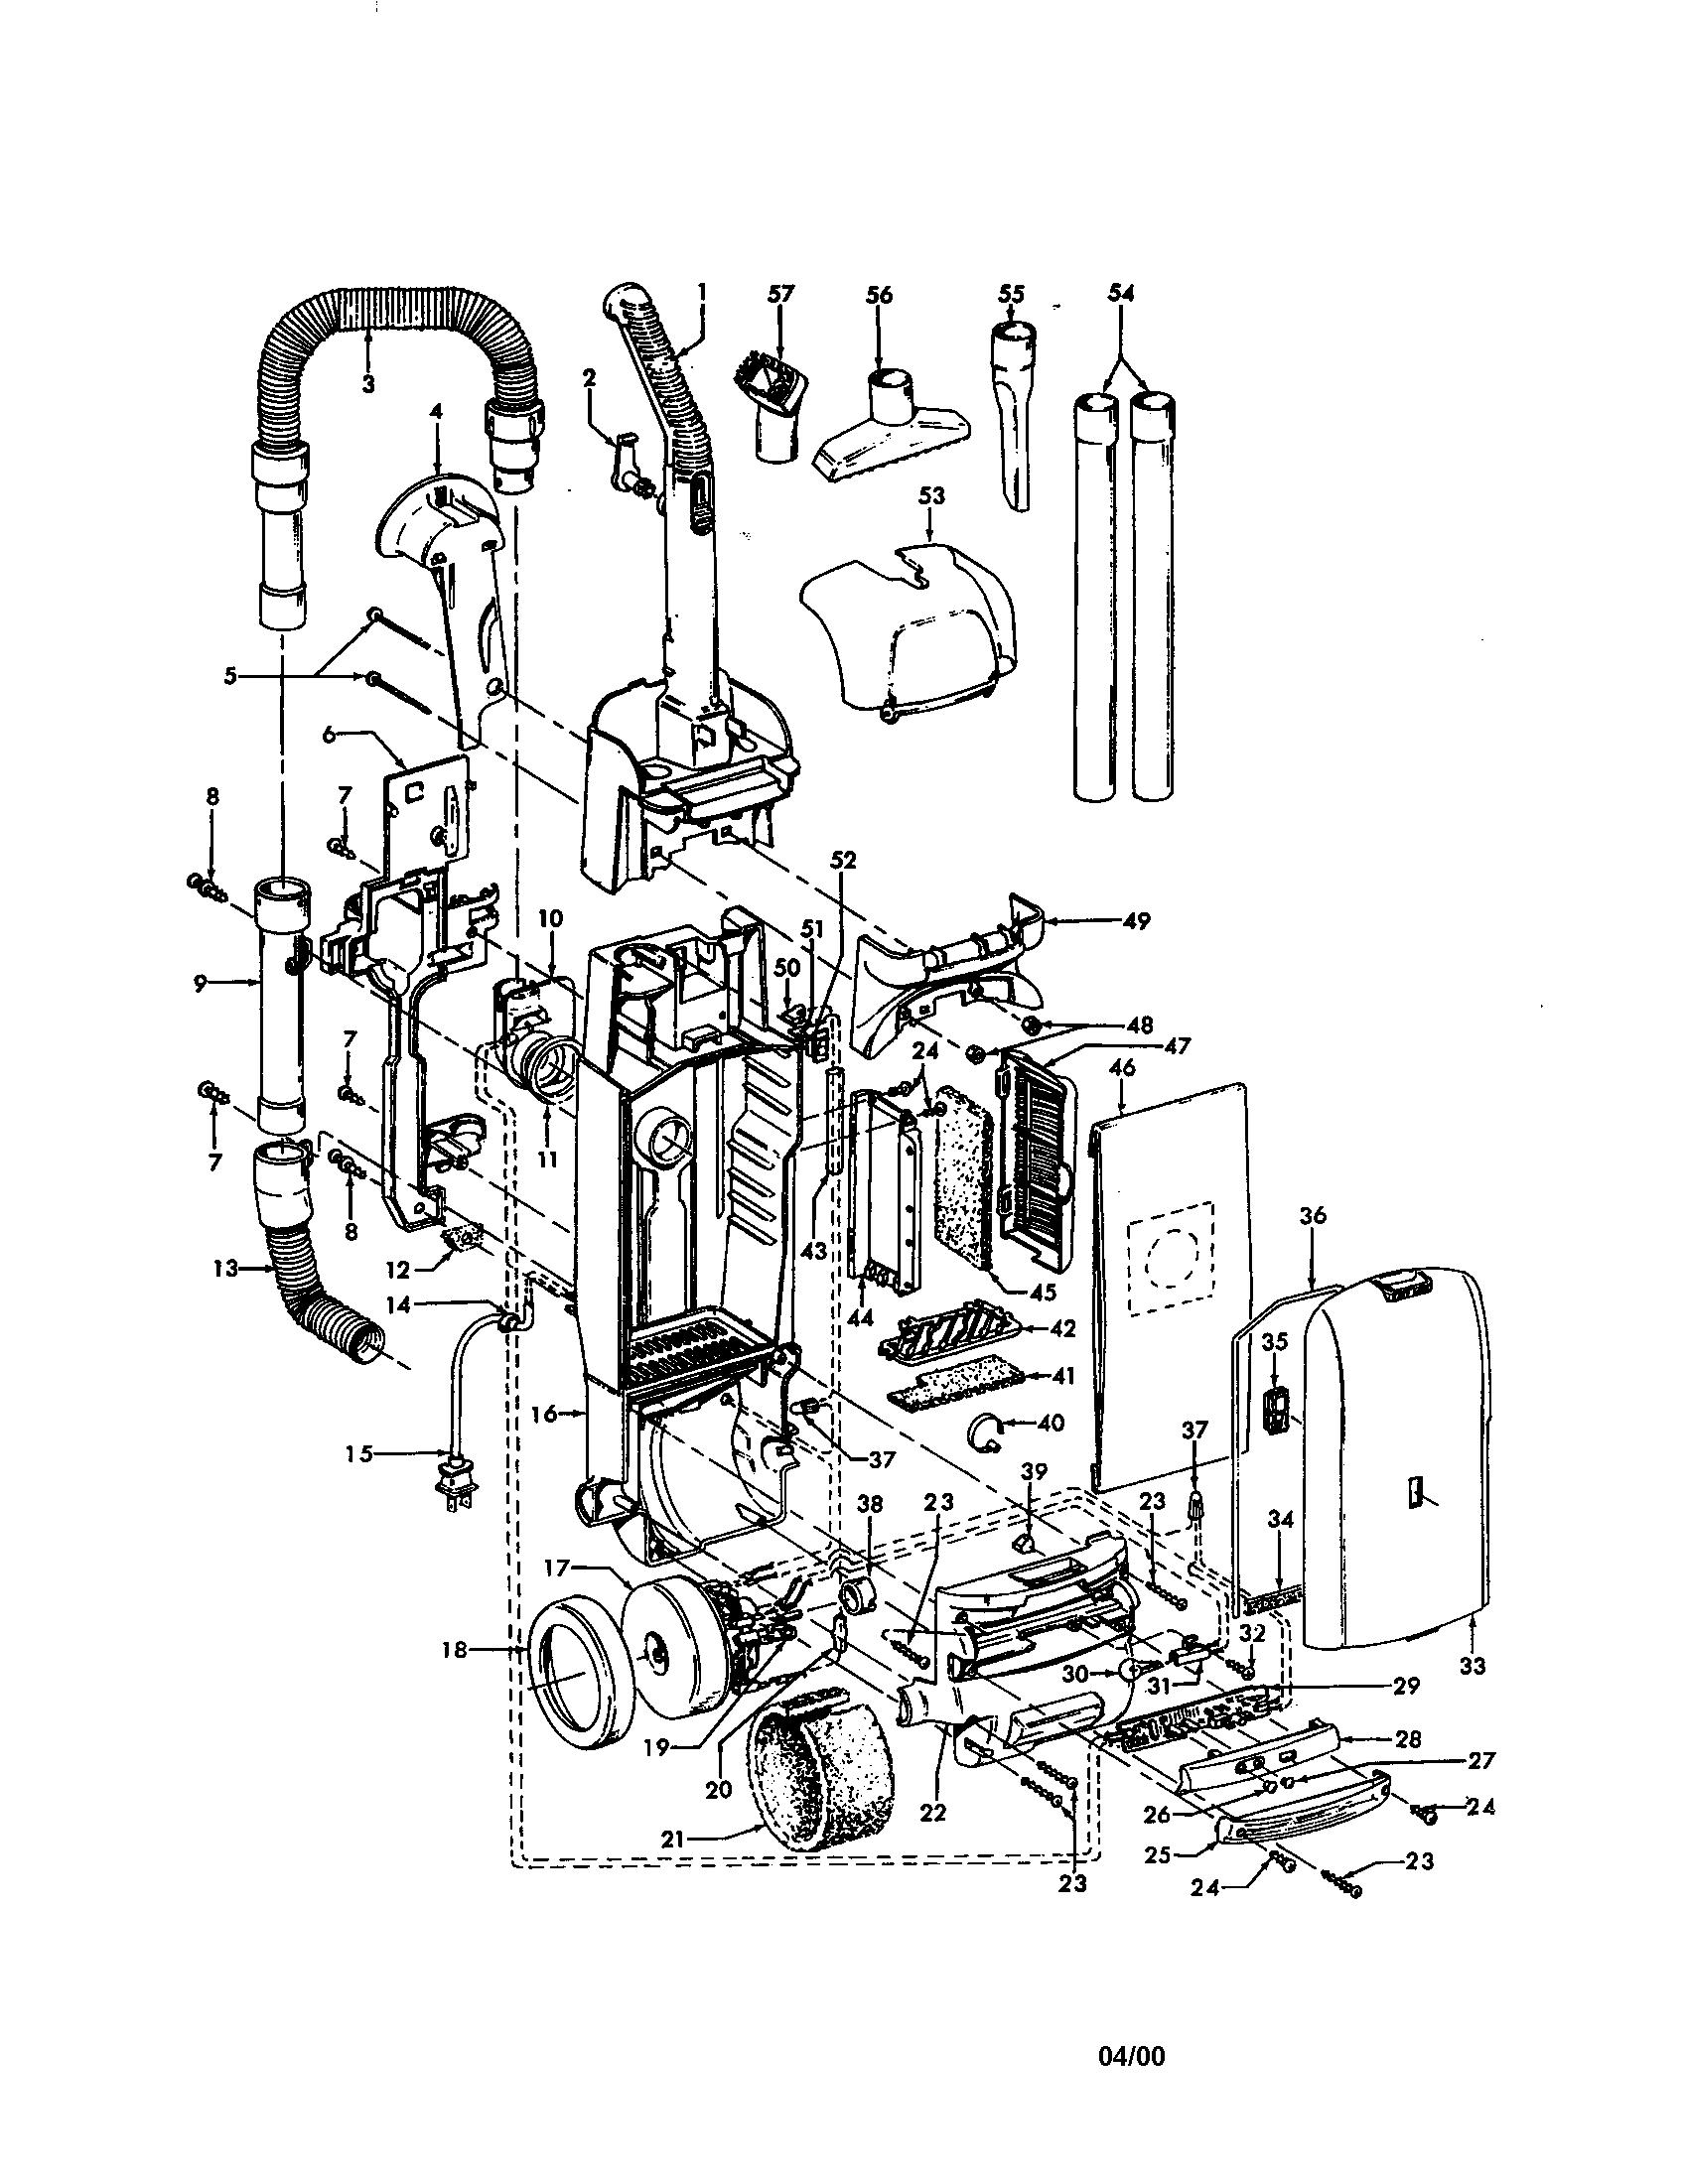 Vacuum Parts: Vacuum Parts Hoover